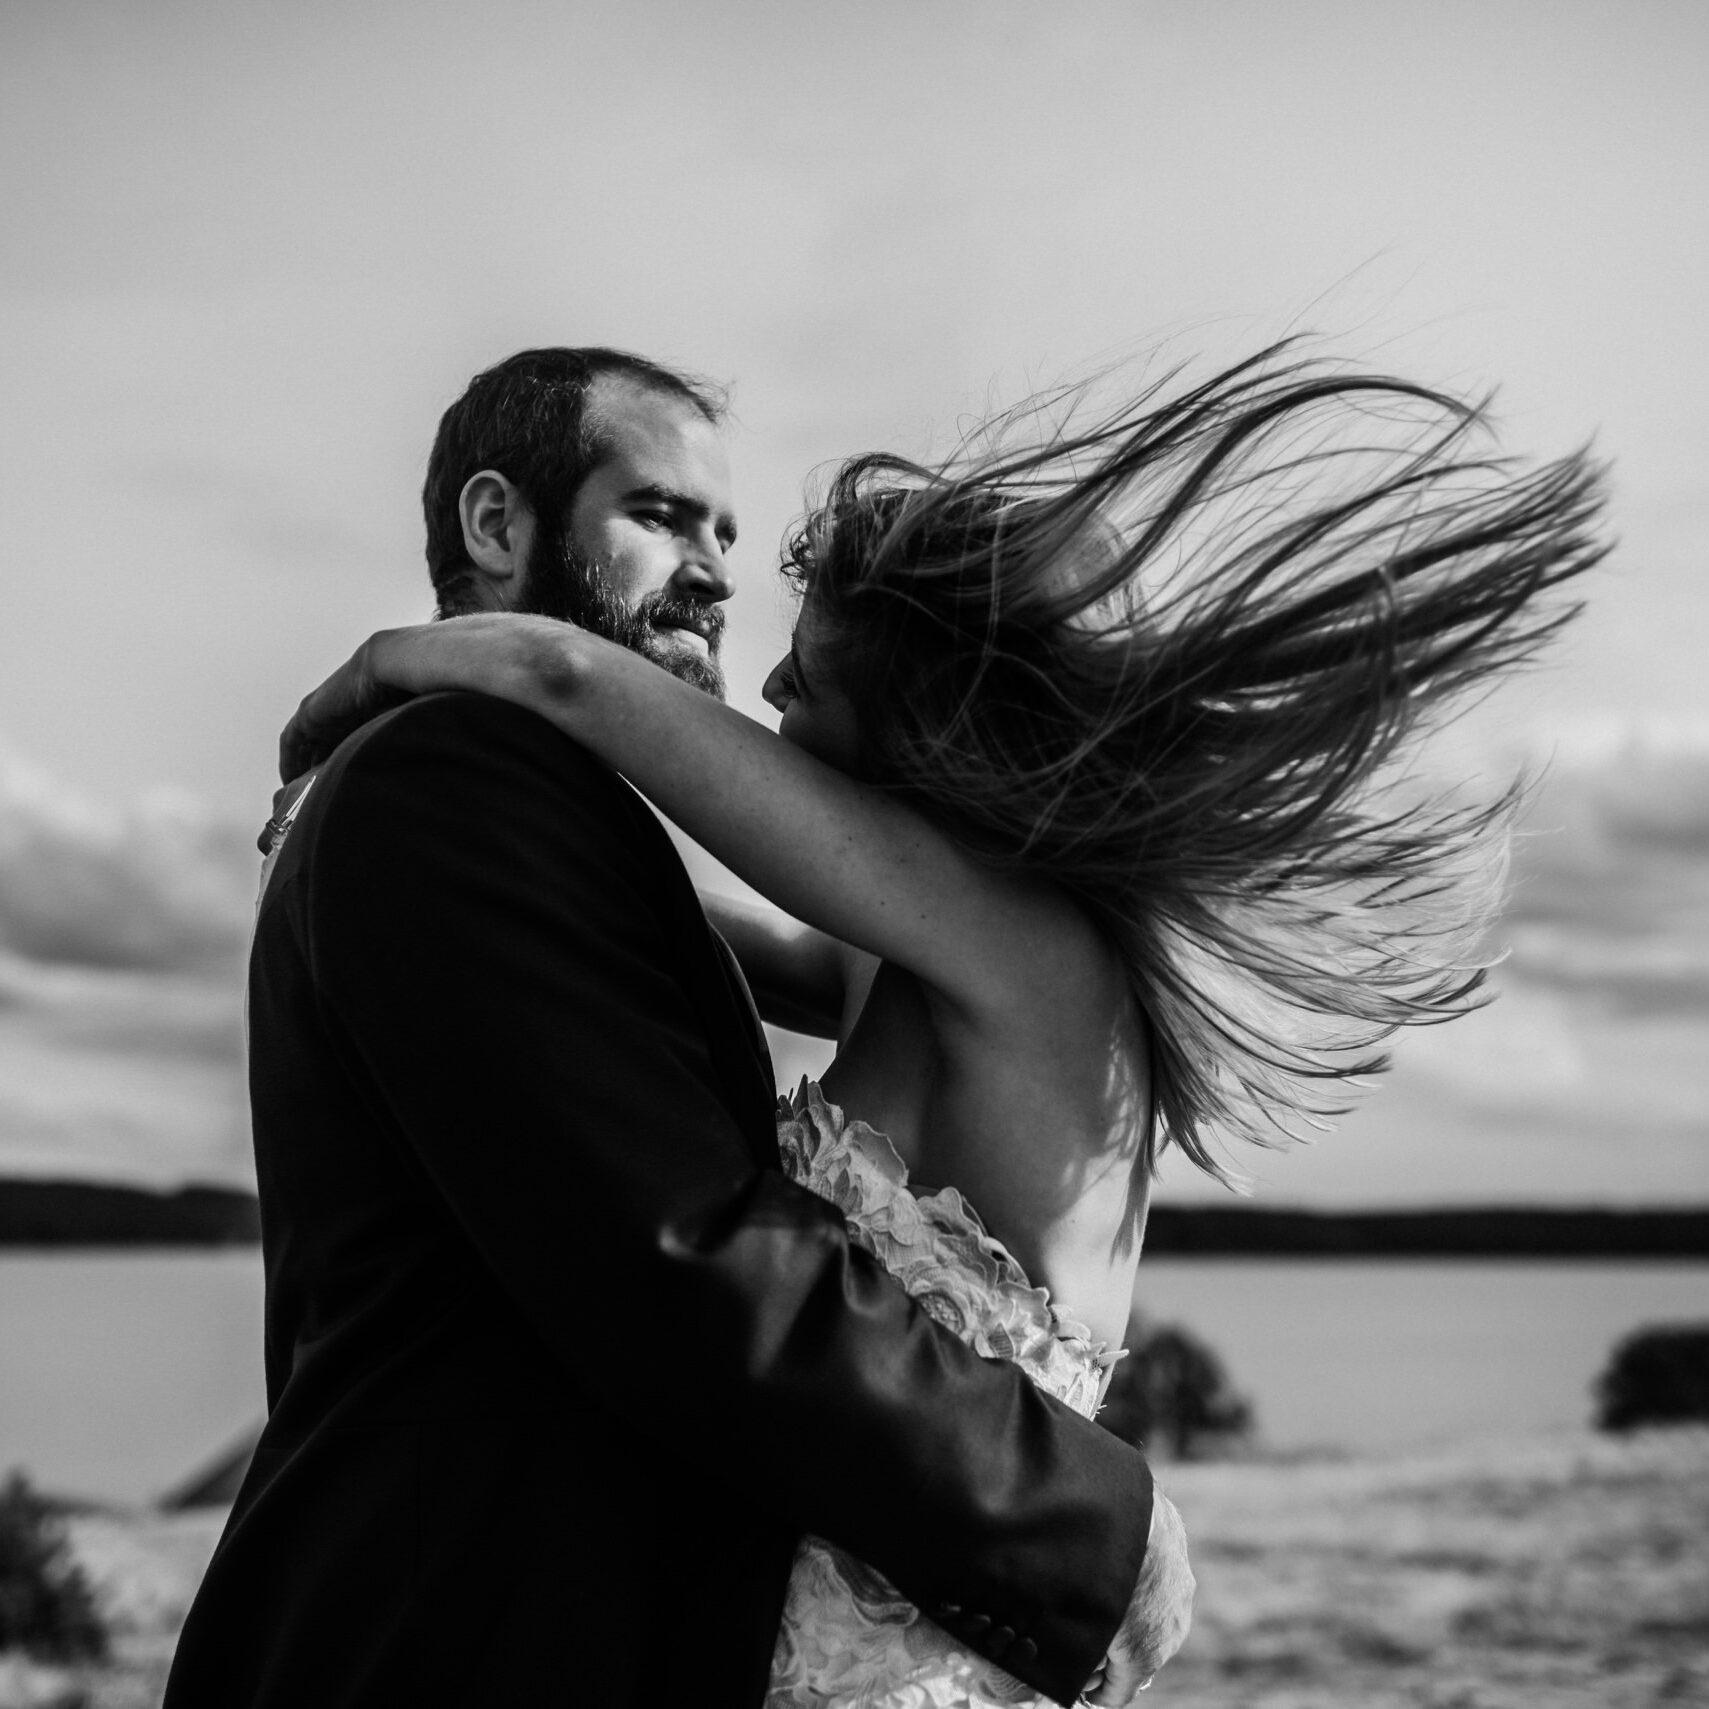 plener poślubny na wzgórzach